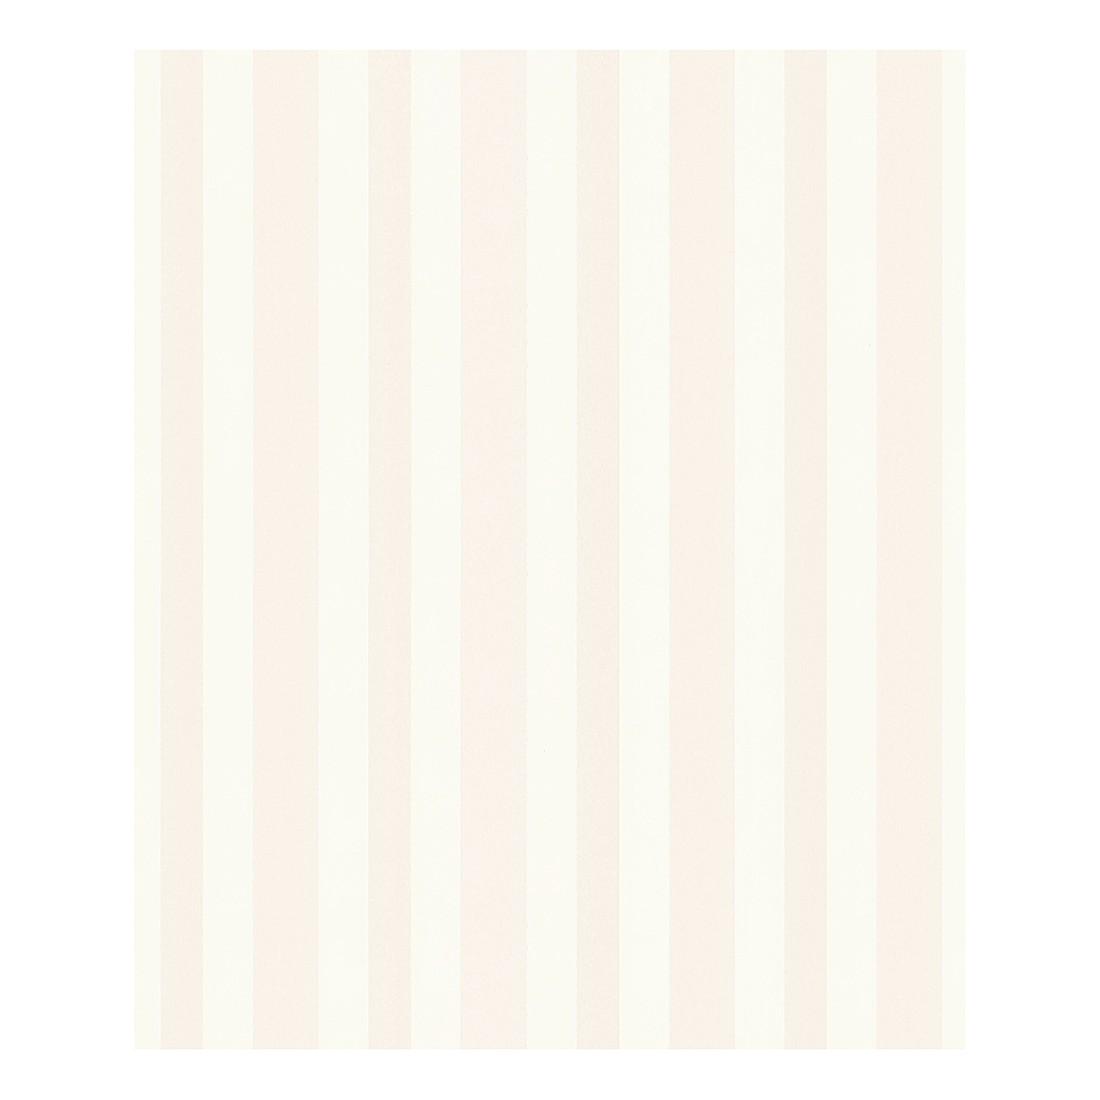 Tapete Stripe – signalweiß – verkehrsweiß – metallic – fein strukturiert – glatt – Modell 1, Porsche Design Studio jetzt kaufen